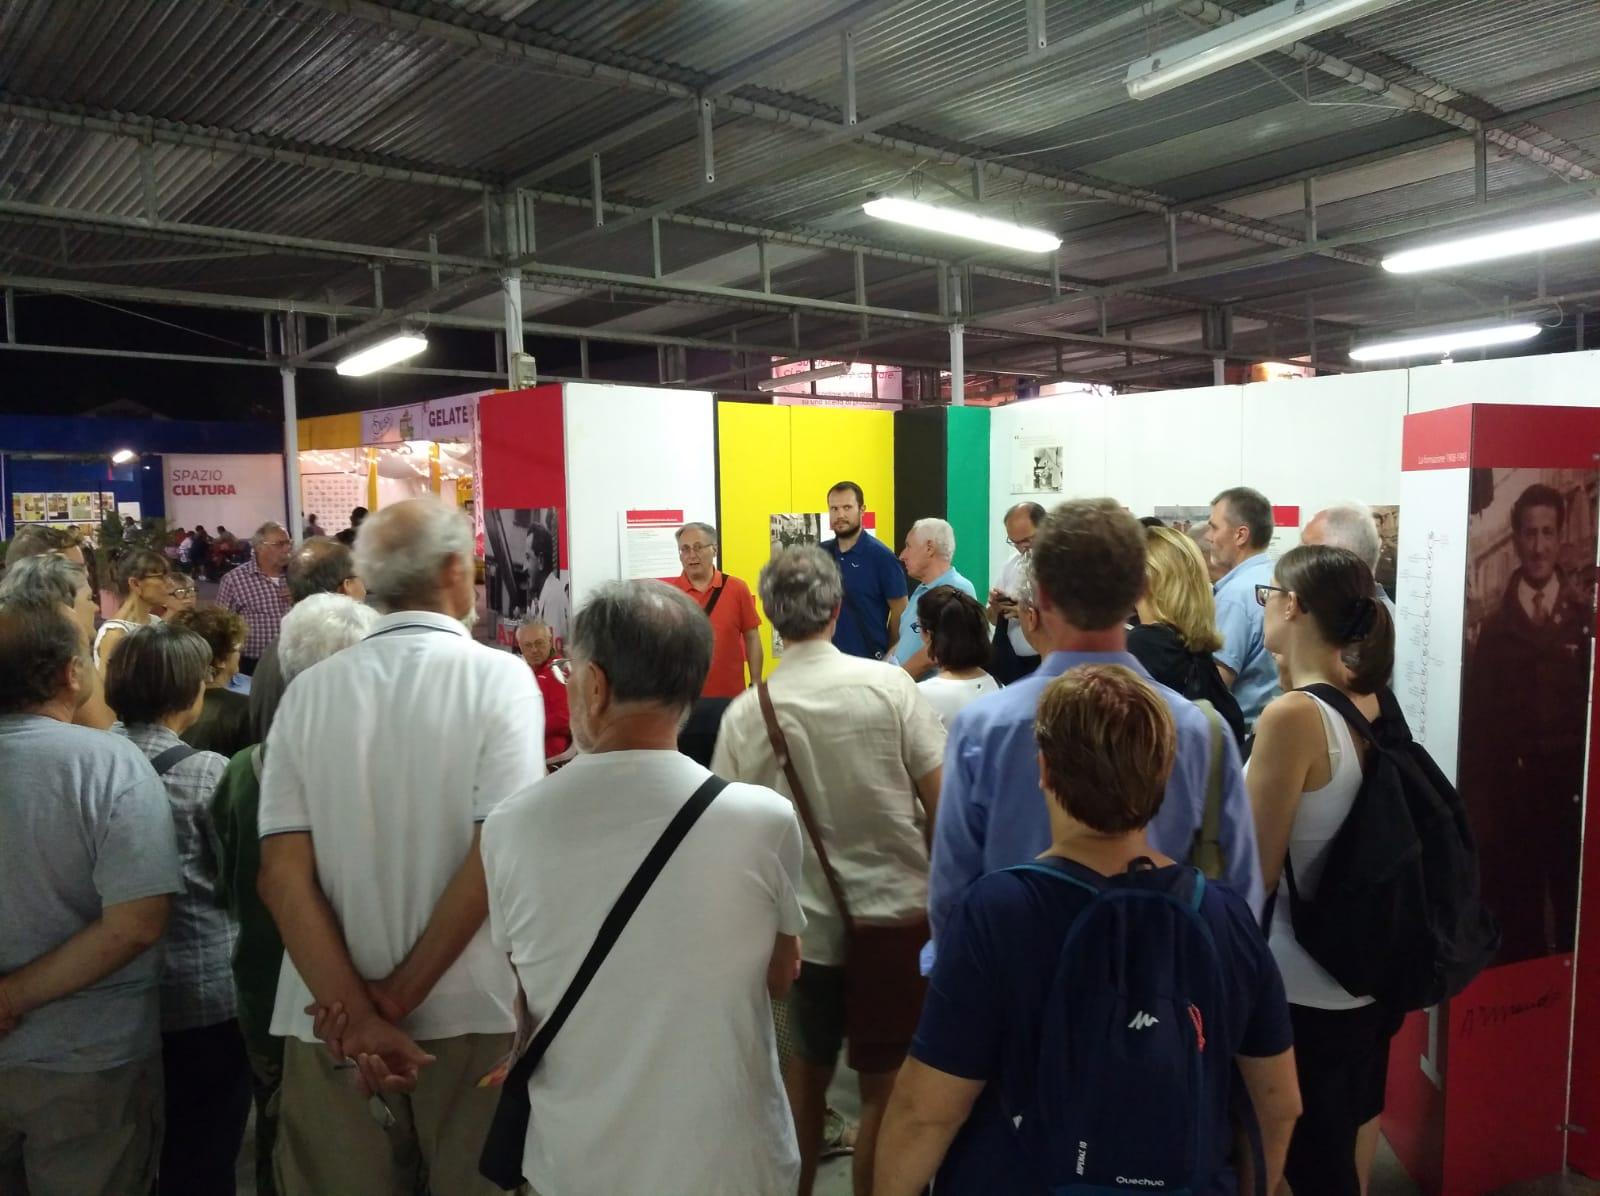 Visita guidata alla mostra presso la Festa de l'Unità di Modena - con Armando nel cuore